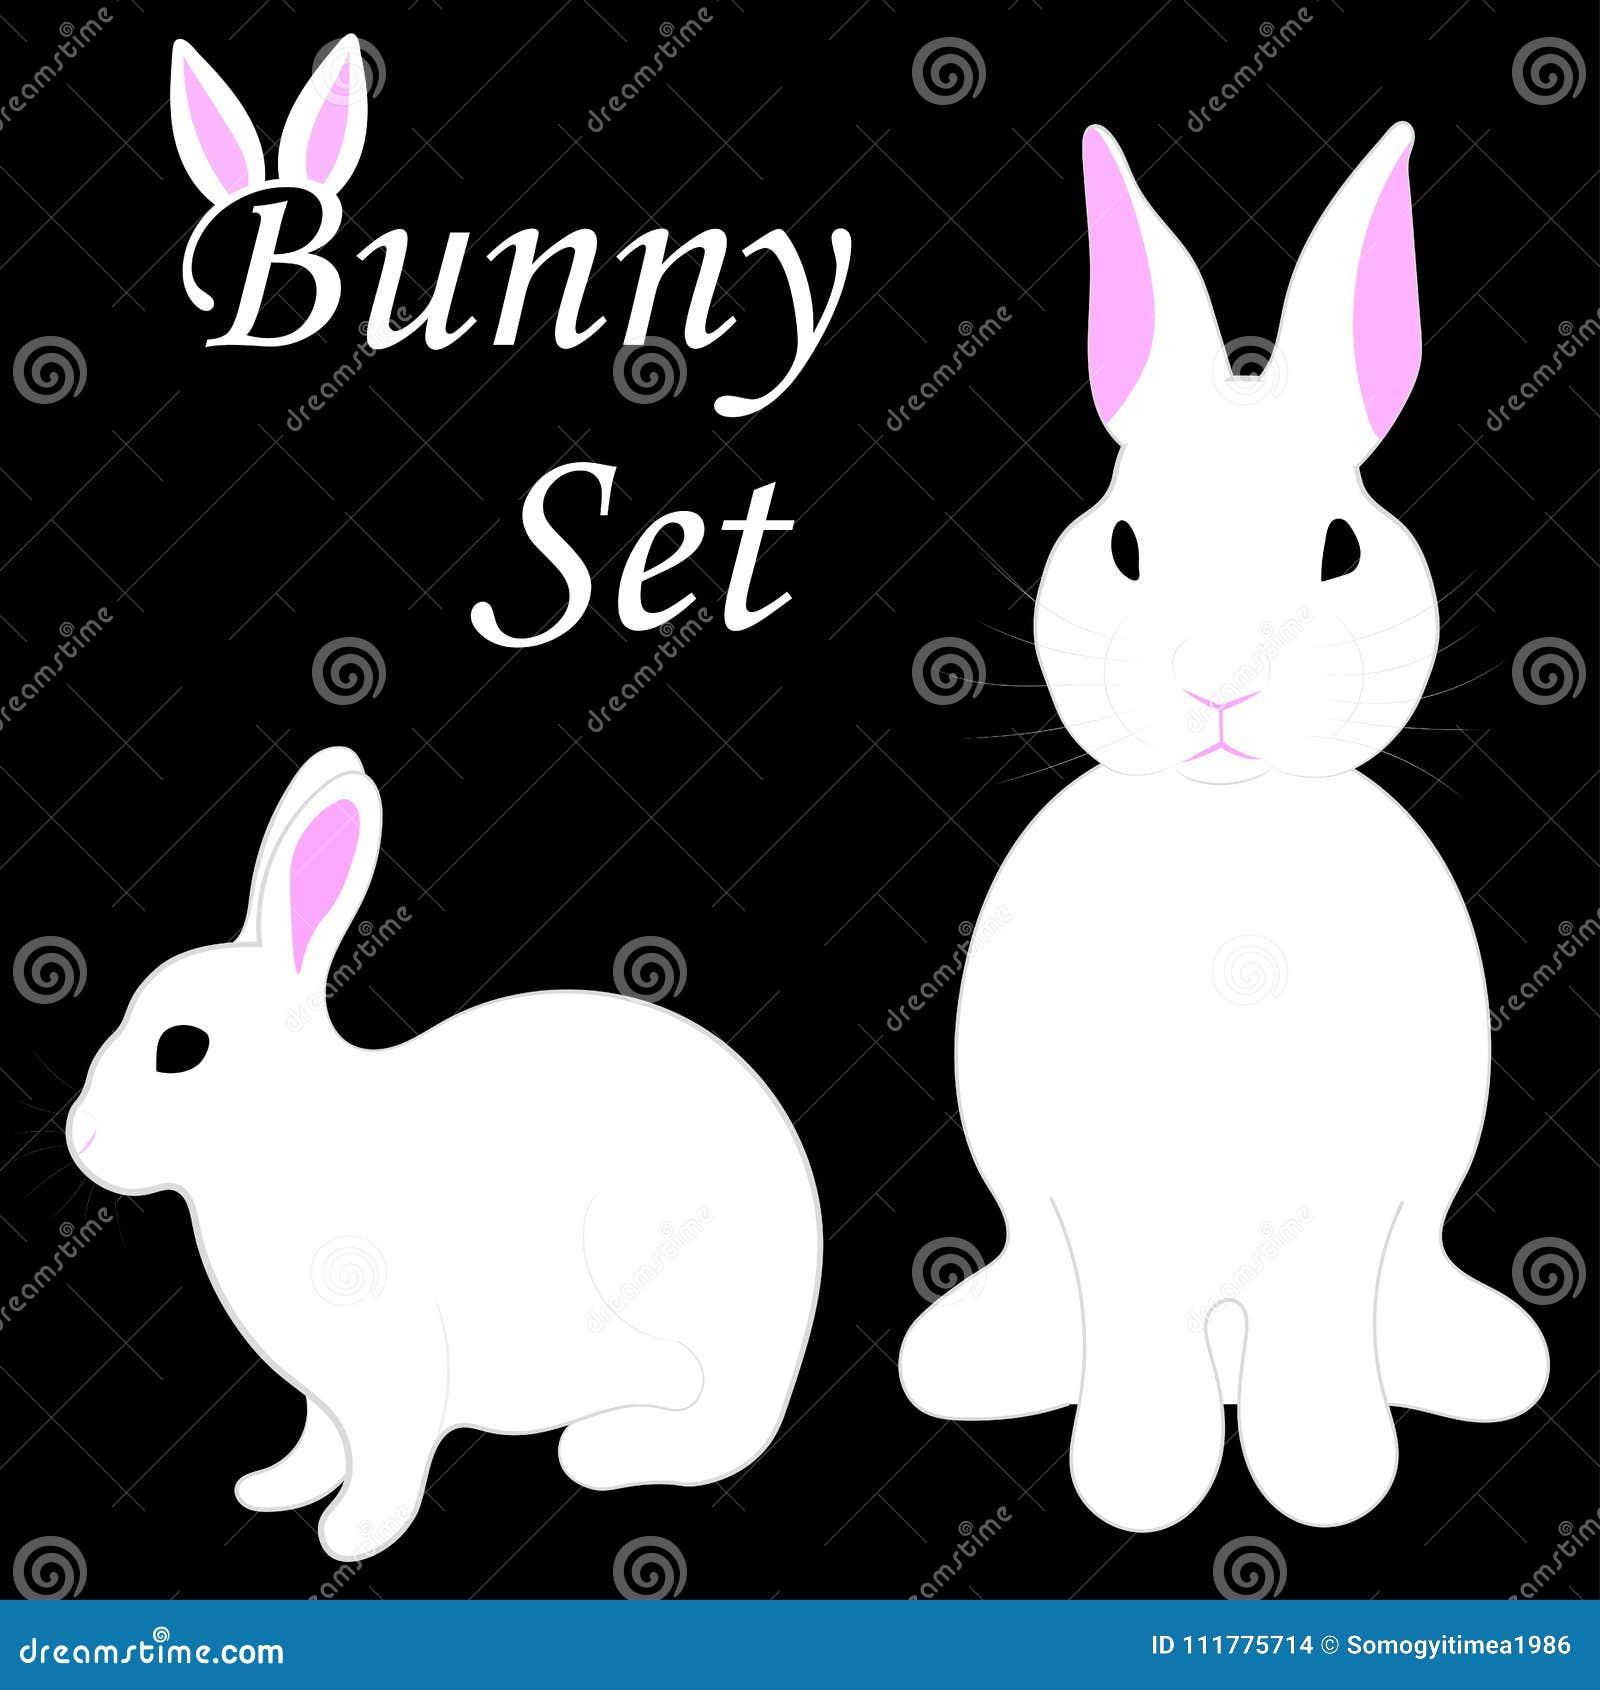 Bunny set on isolated black background.